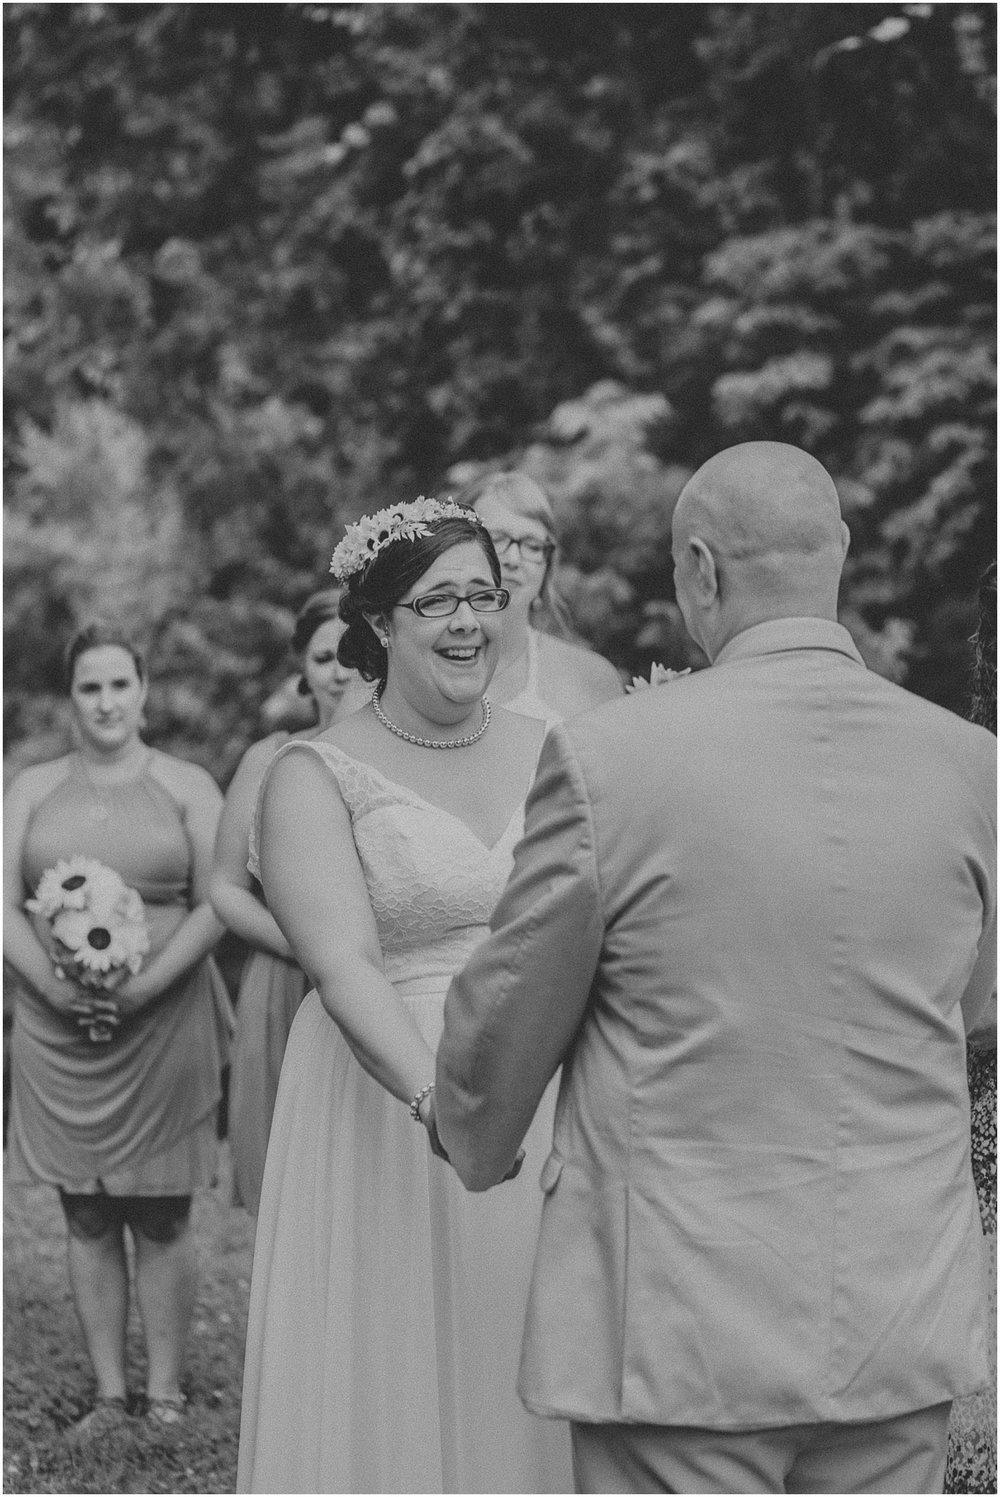 Reading-Pennsylvania-Outdoor-Wedding-DIY-Bride-Groom-Dancing-Laughter-Reception (31).jpg